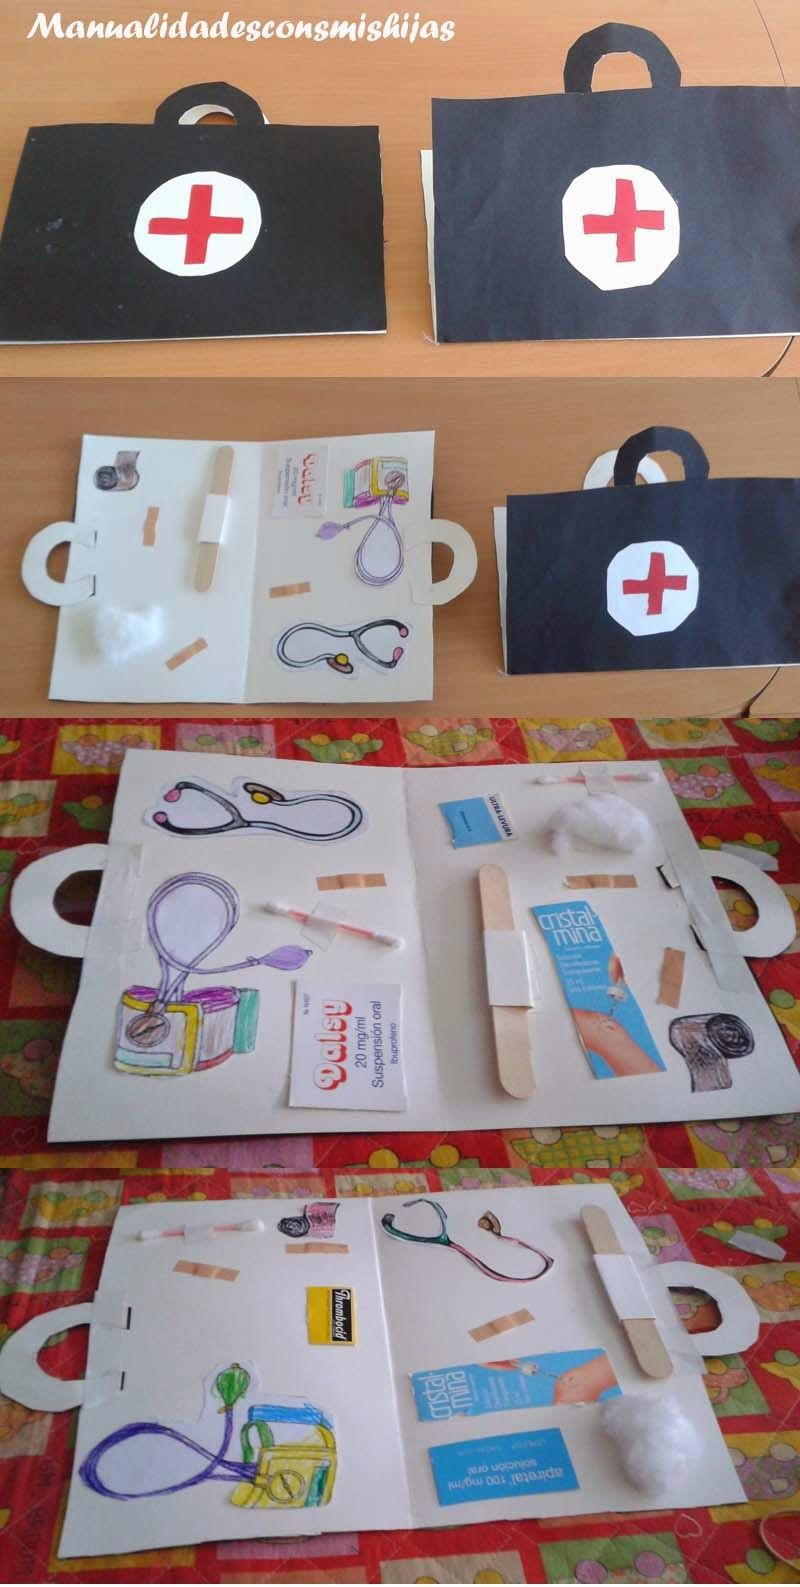 112 Sos Necesitamos Nuestro Botiquin Jugando A Los Medicos